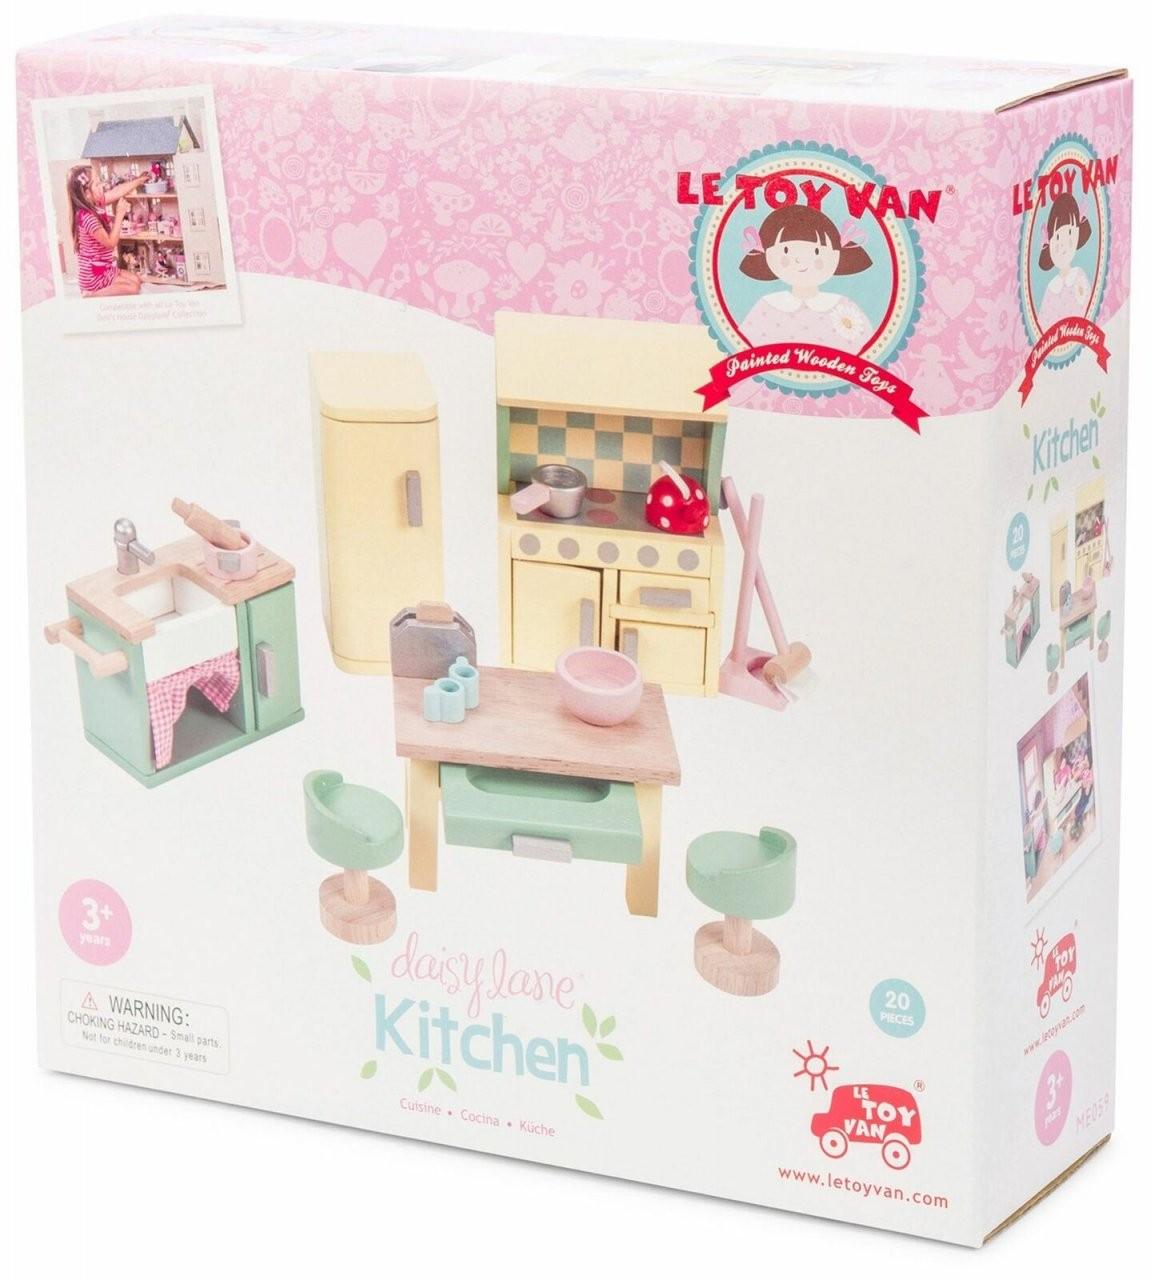 Daisylane Kitchen Wooden Dolls House Furniturele Toy Van Me059 von Le Toy Van Küche Bild